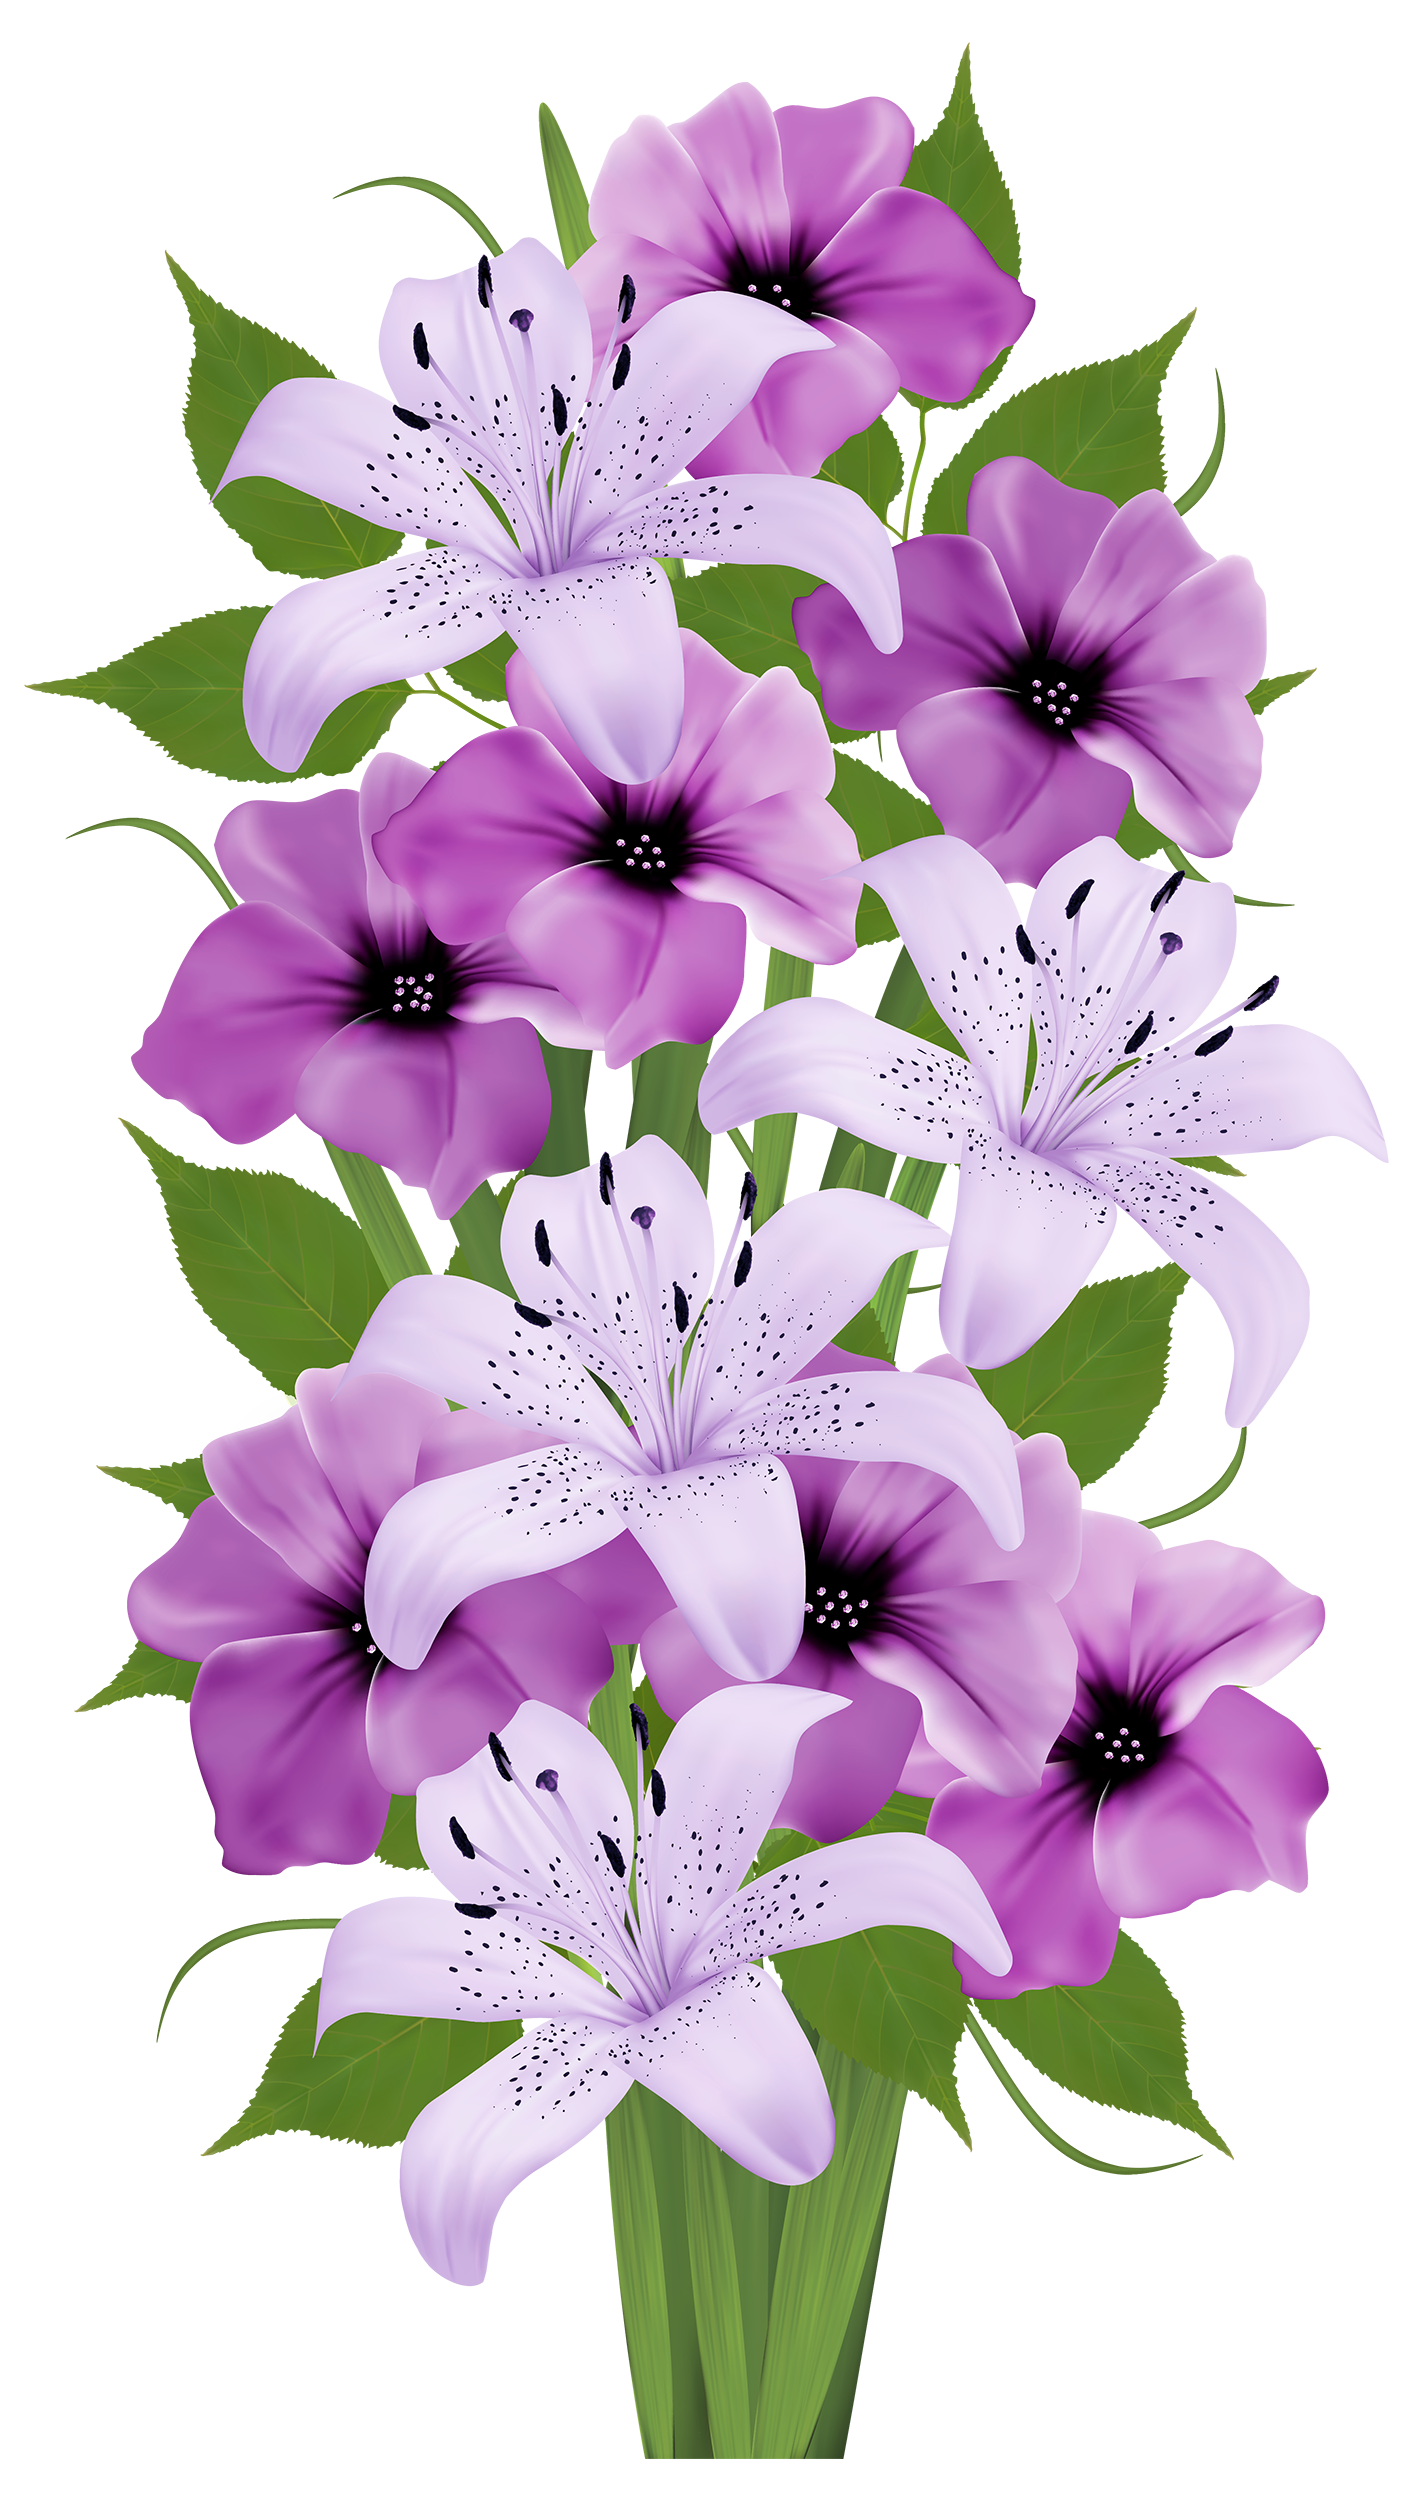 lily clipart flower boquet